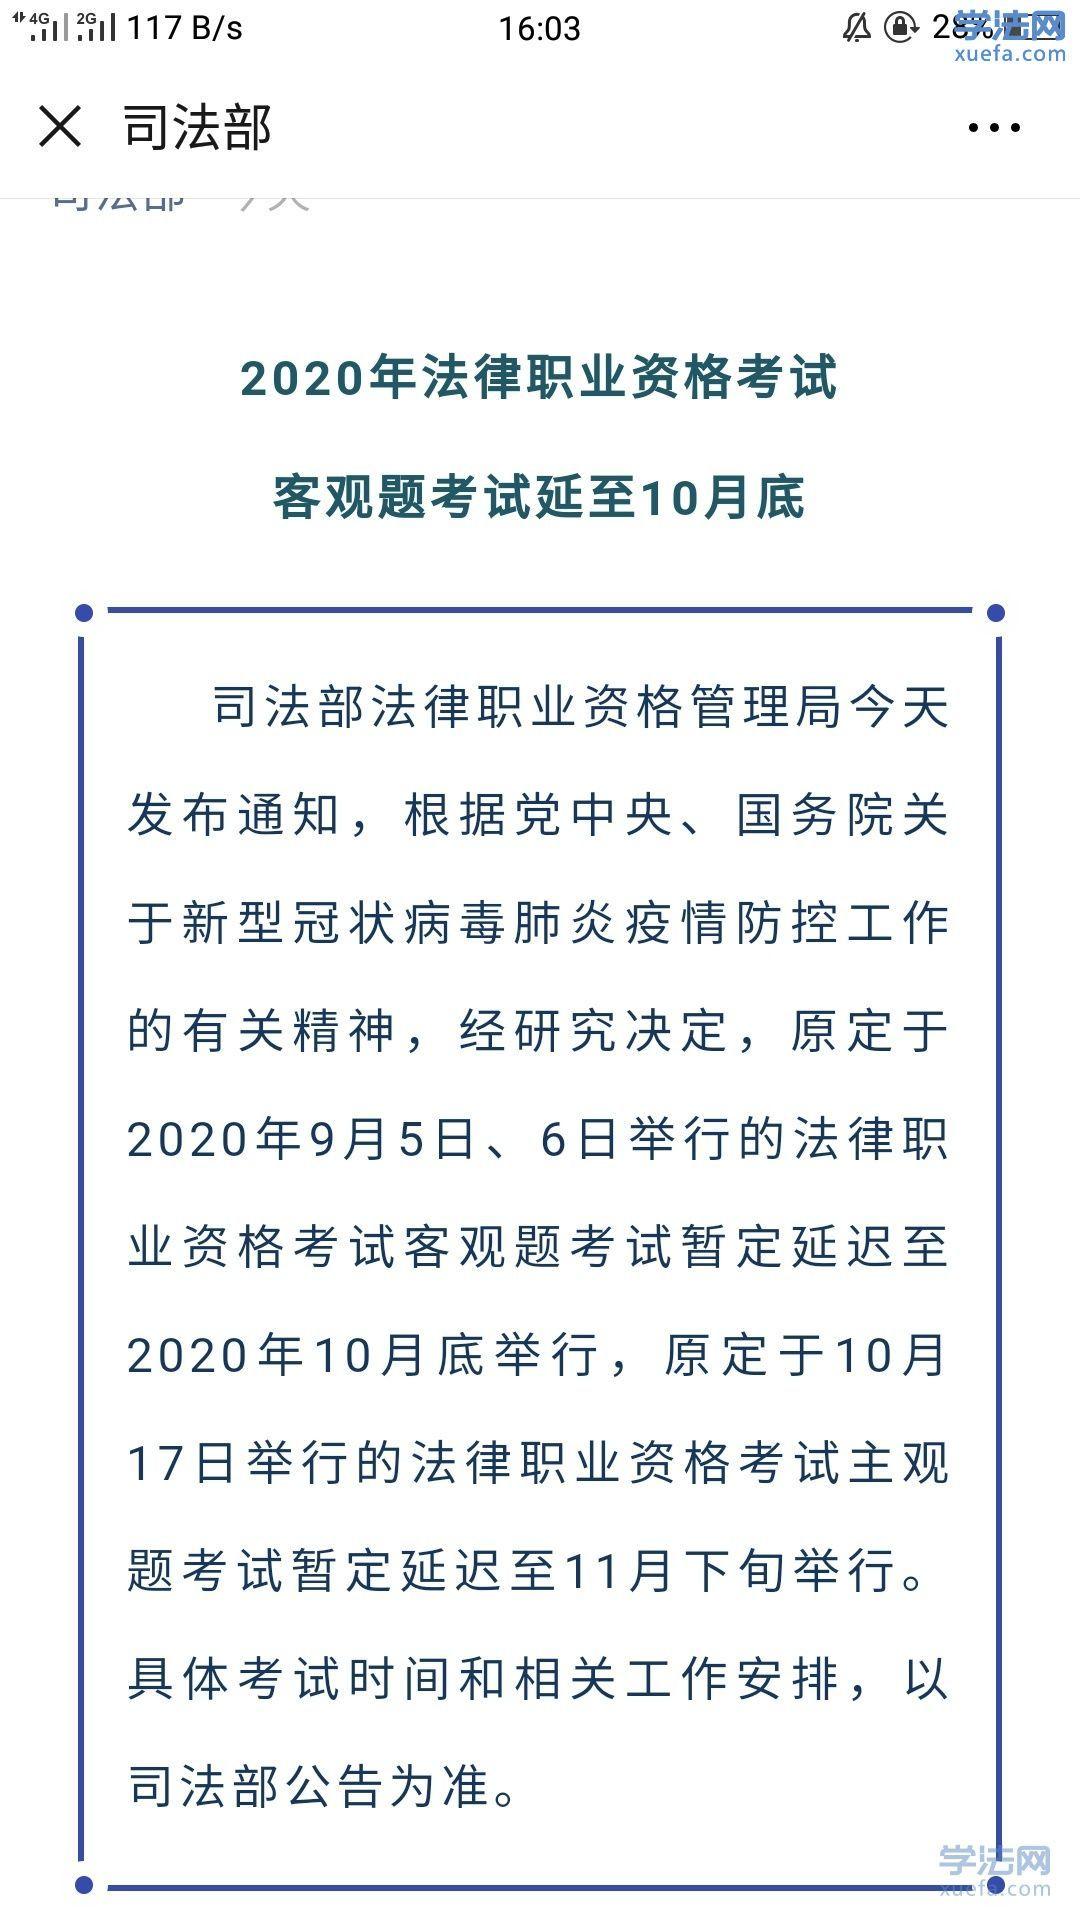 司法部:2020年法考客观题及主观题考试时间